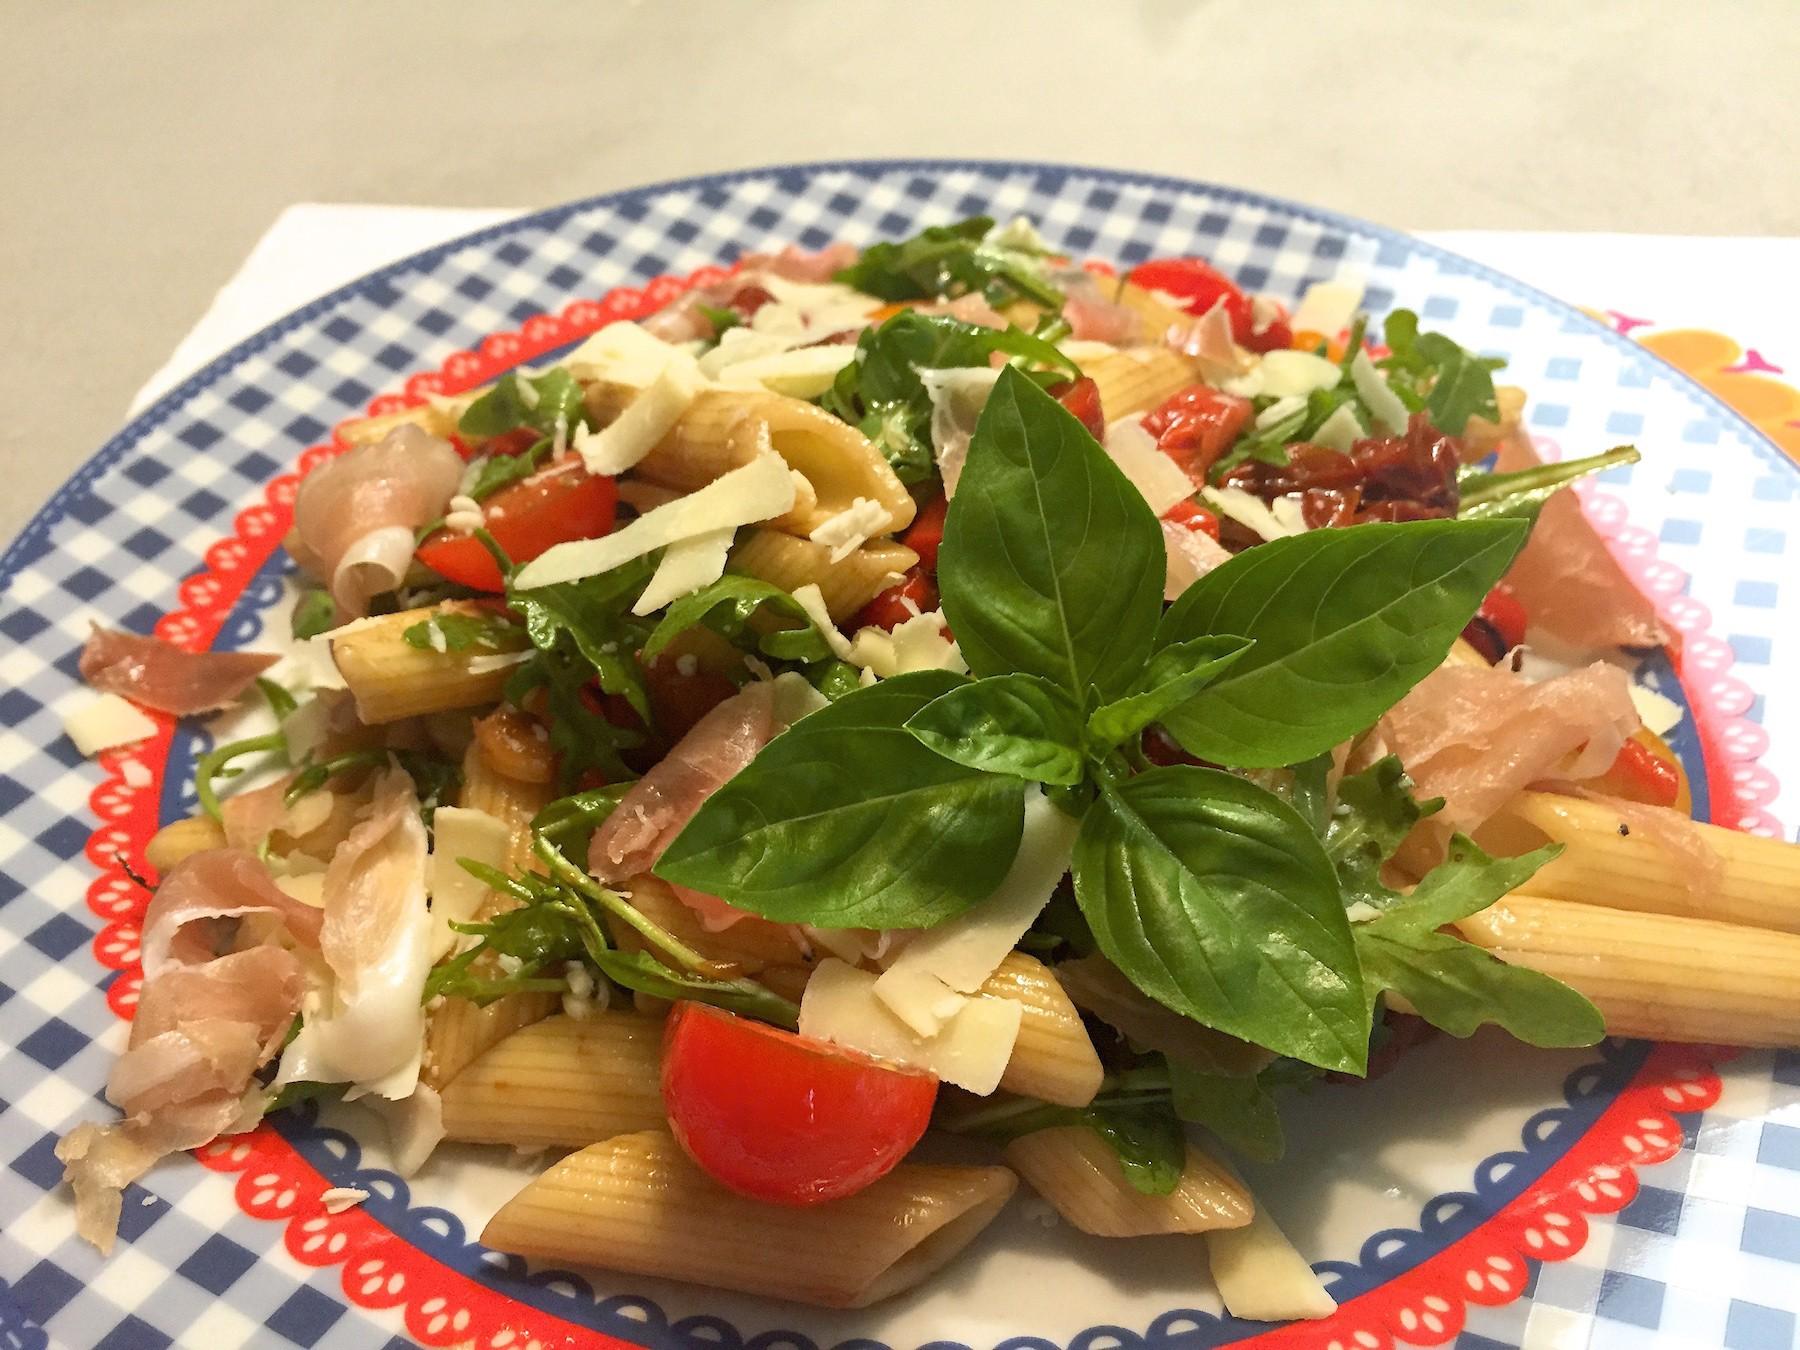 eindresultaat pastasalade met serranoham